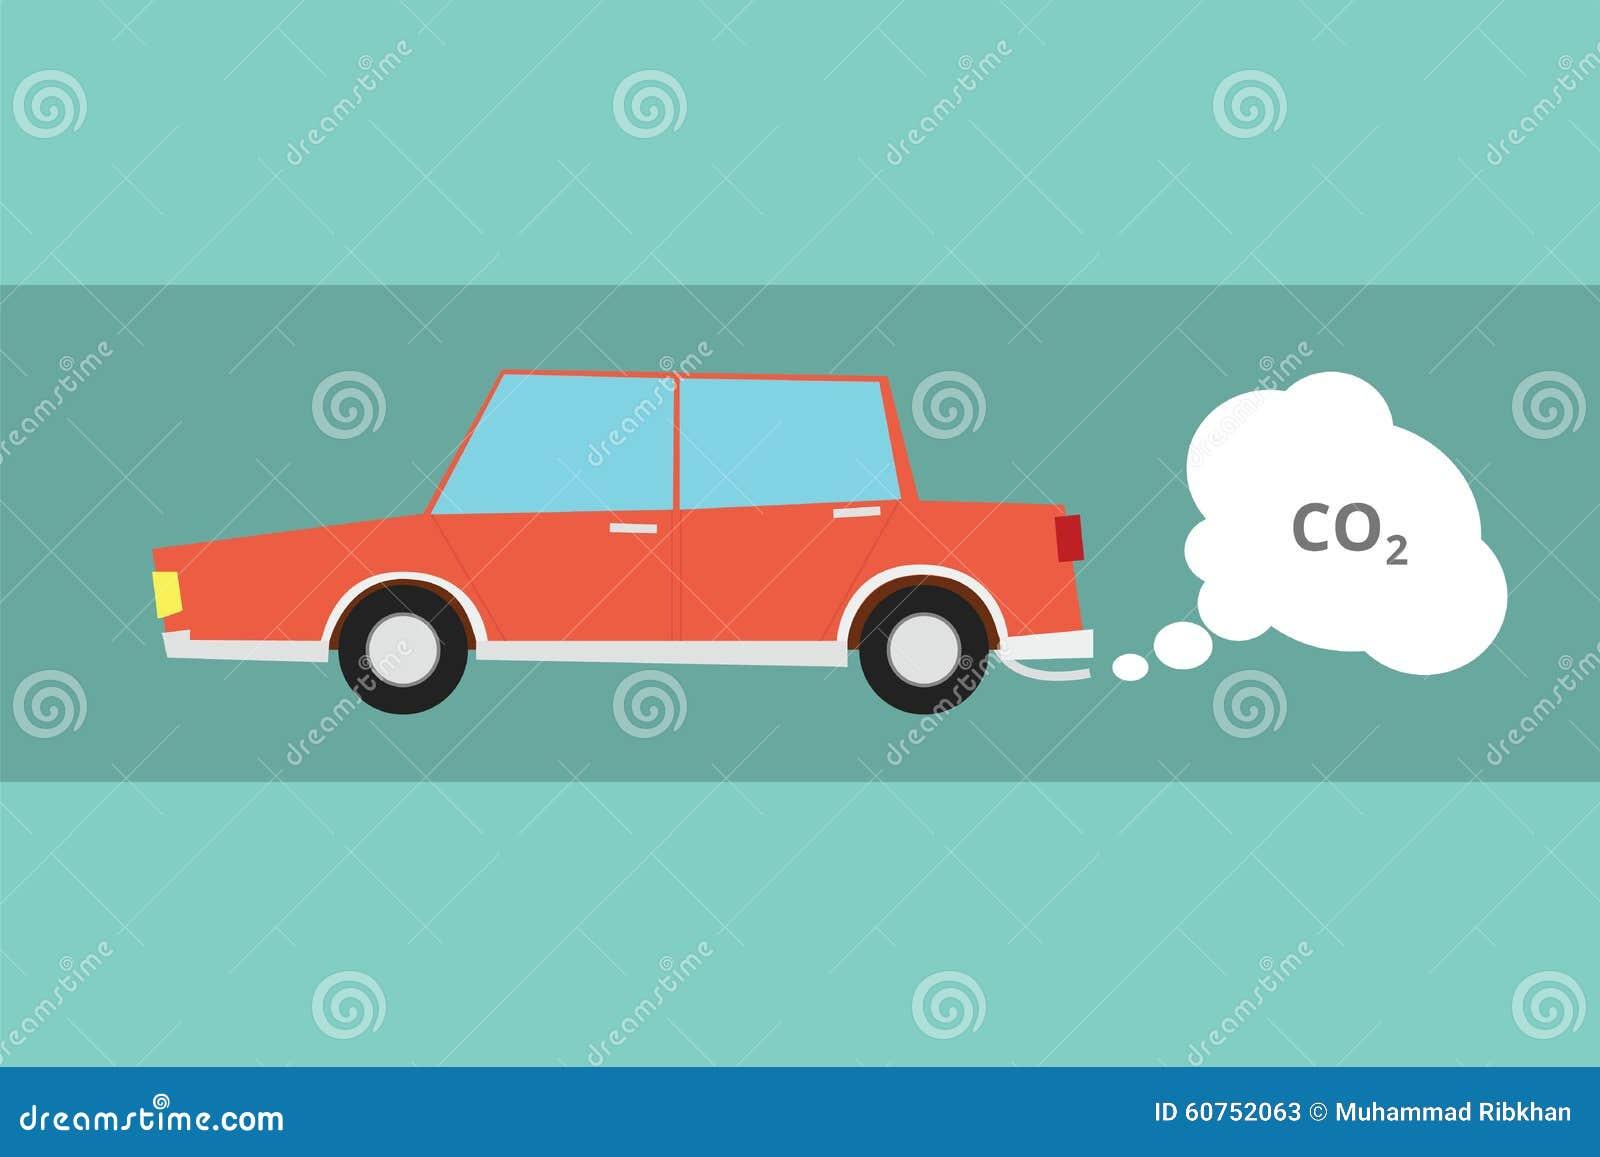 pollution de co2 de dioxyde de carbone de voiture illustration de vecteur illustration du. Black Bedroom Furniture Sets. Home Design Ideas